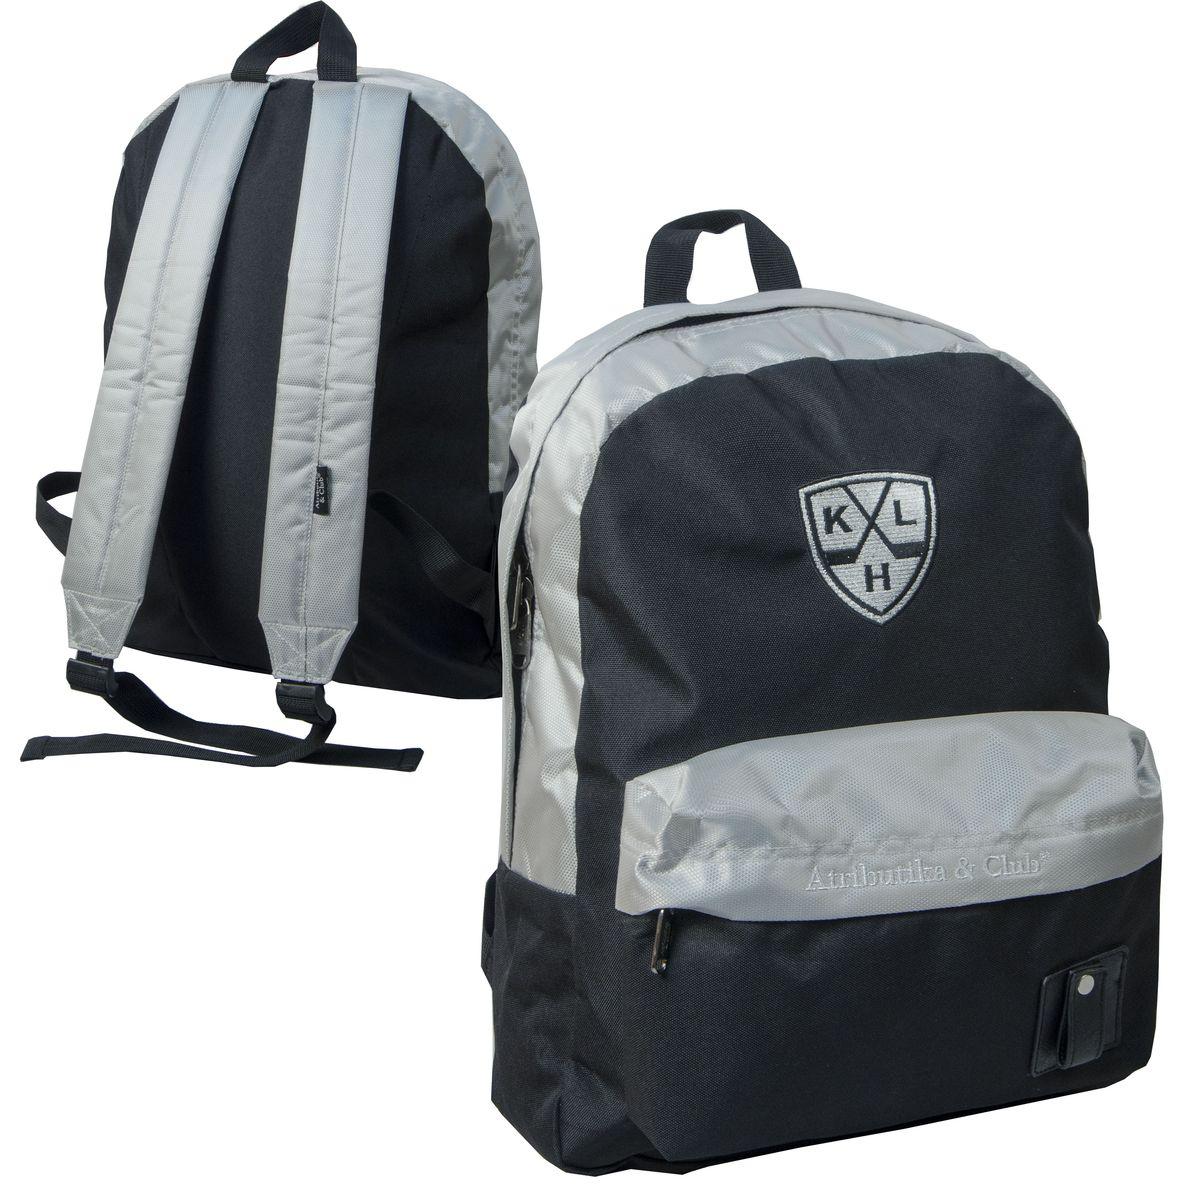 Рюкзак спортивный КХЛ, цвет: серо-черный, 18 л. 2821828218Модель имеет одно основное отделение и большой нашивной карман на молнии. Лямки оснащены фиксаторами длины.